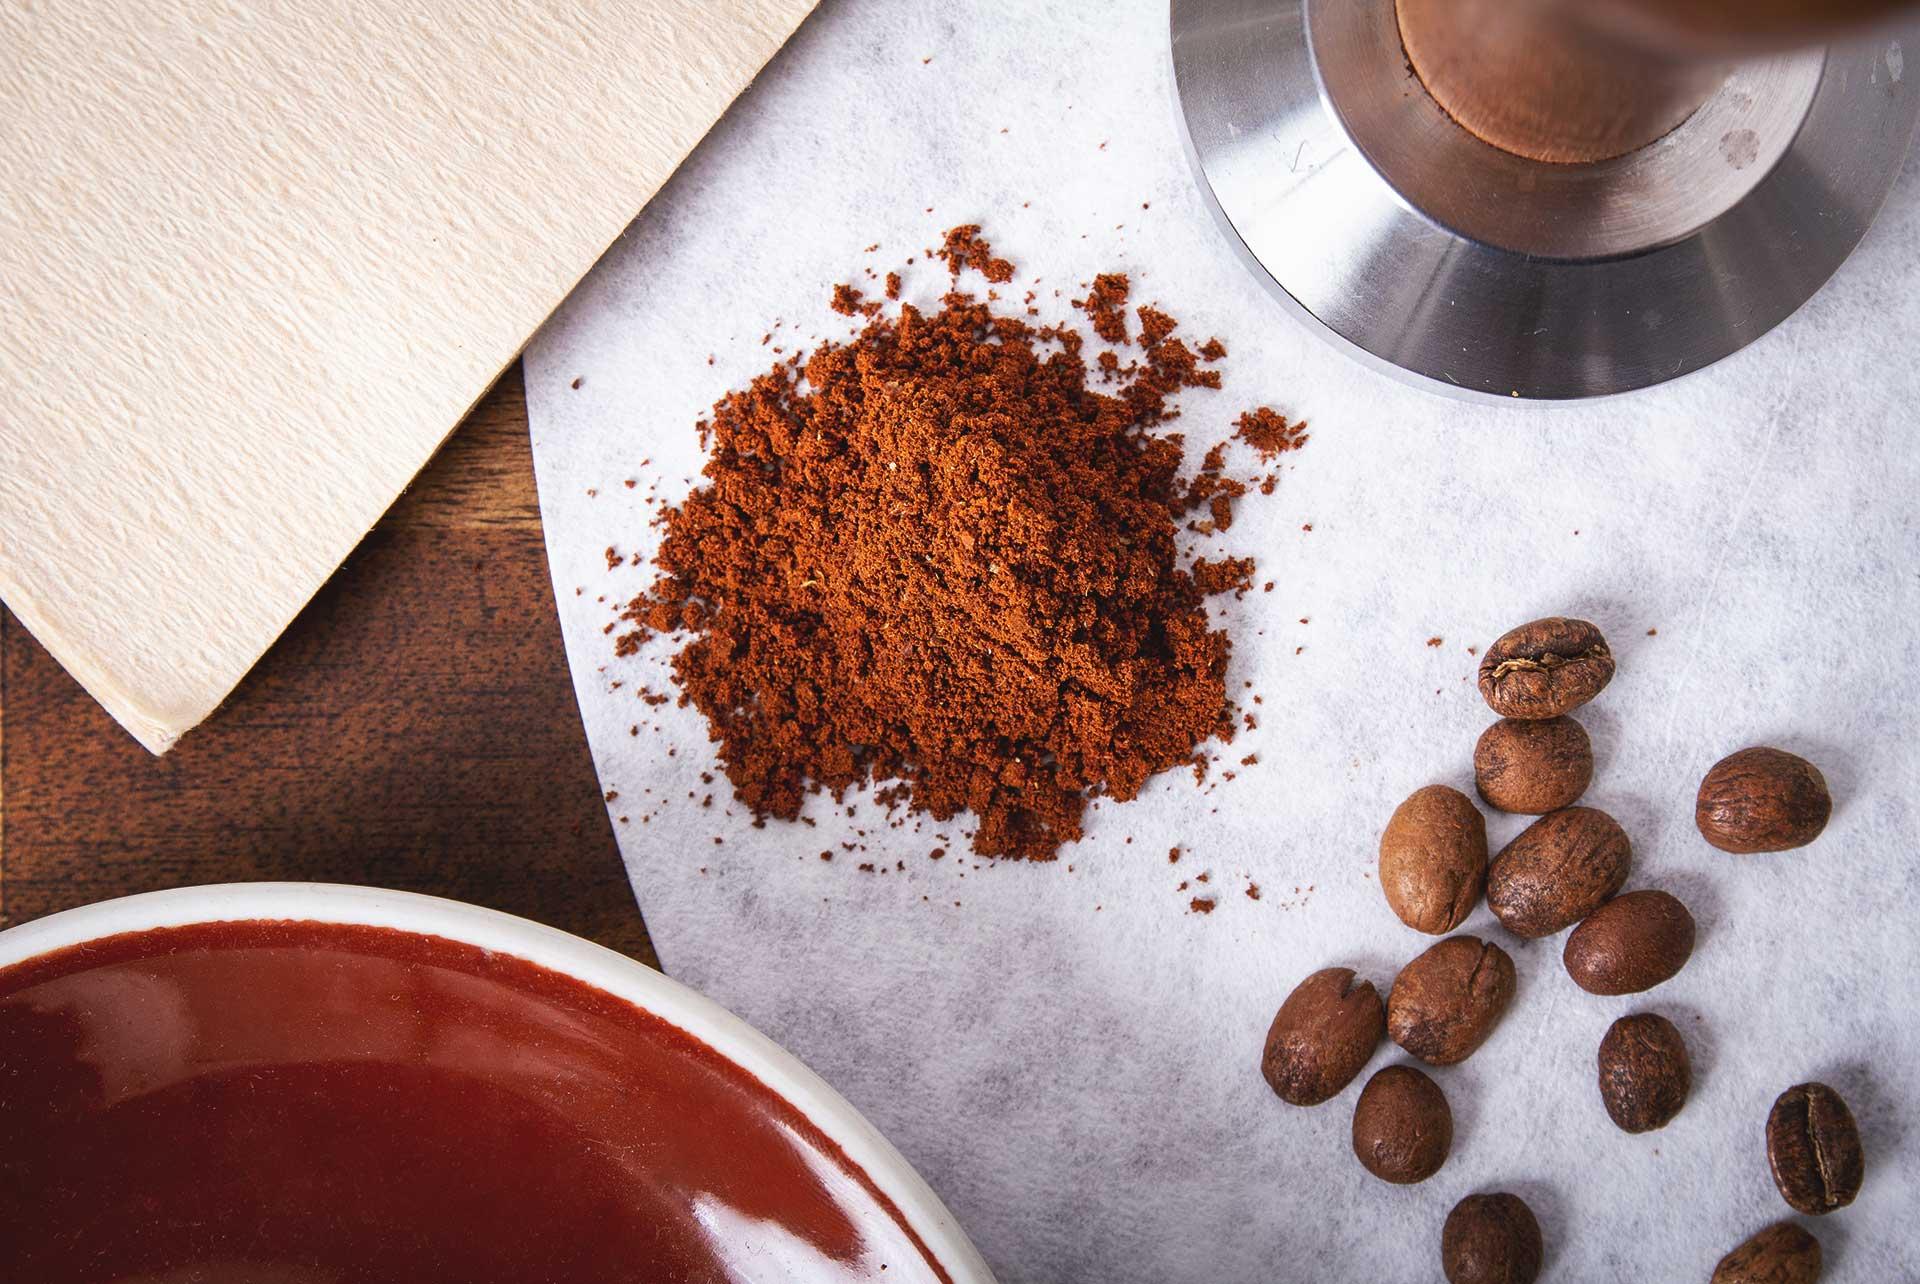 Der richtige Mahlgrad bei der Kaffeezubereitung. CafCaf.de – Kaffee & Blog, Kaffeeblog